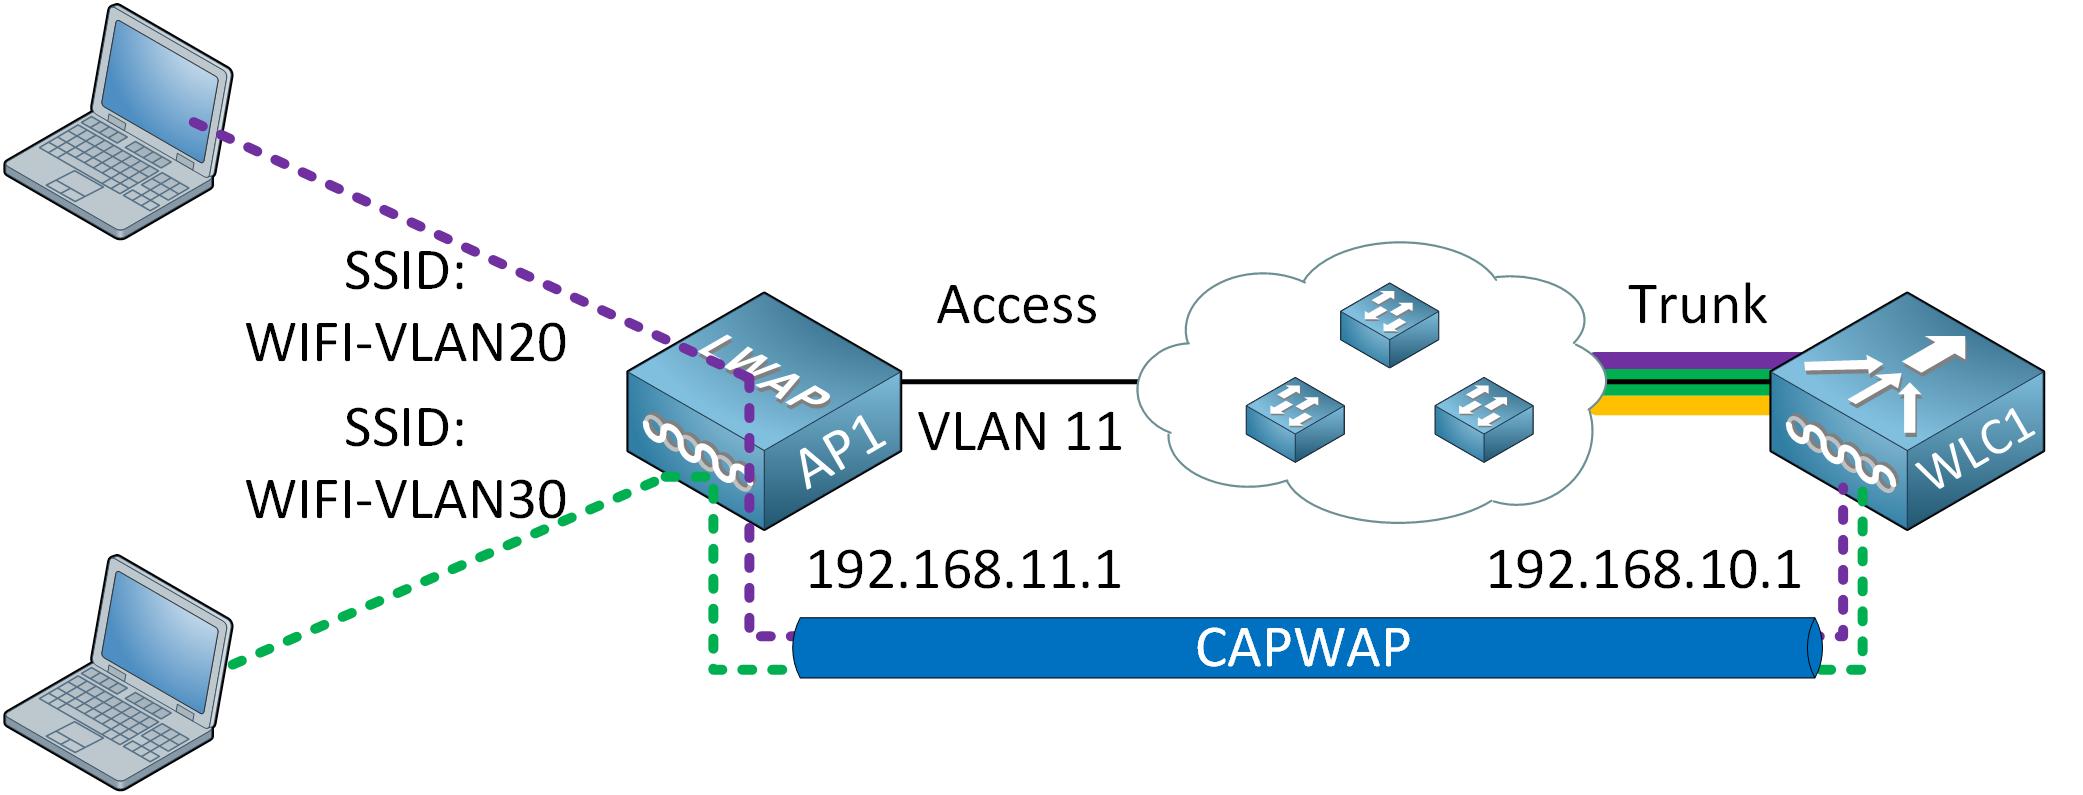 Wireless Architecture Capwap Tunnel Vlan